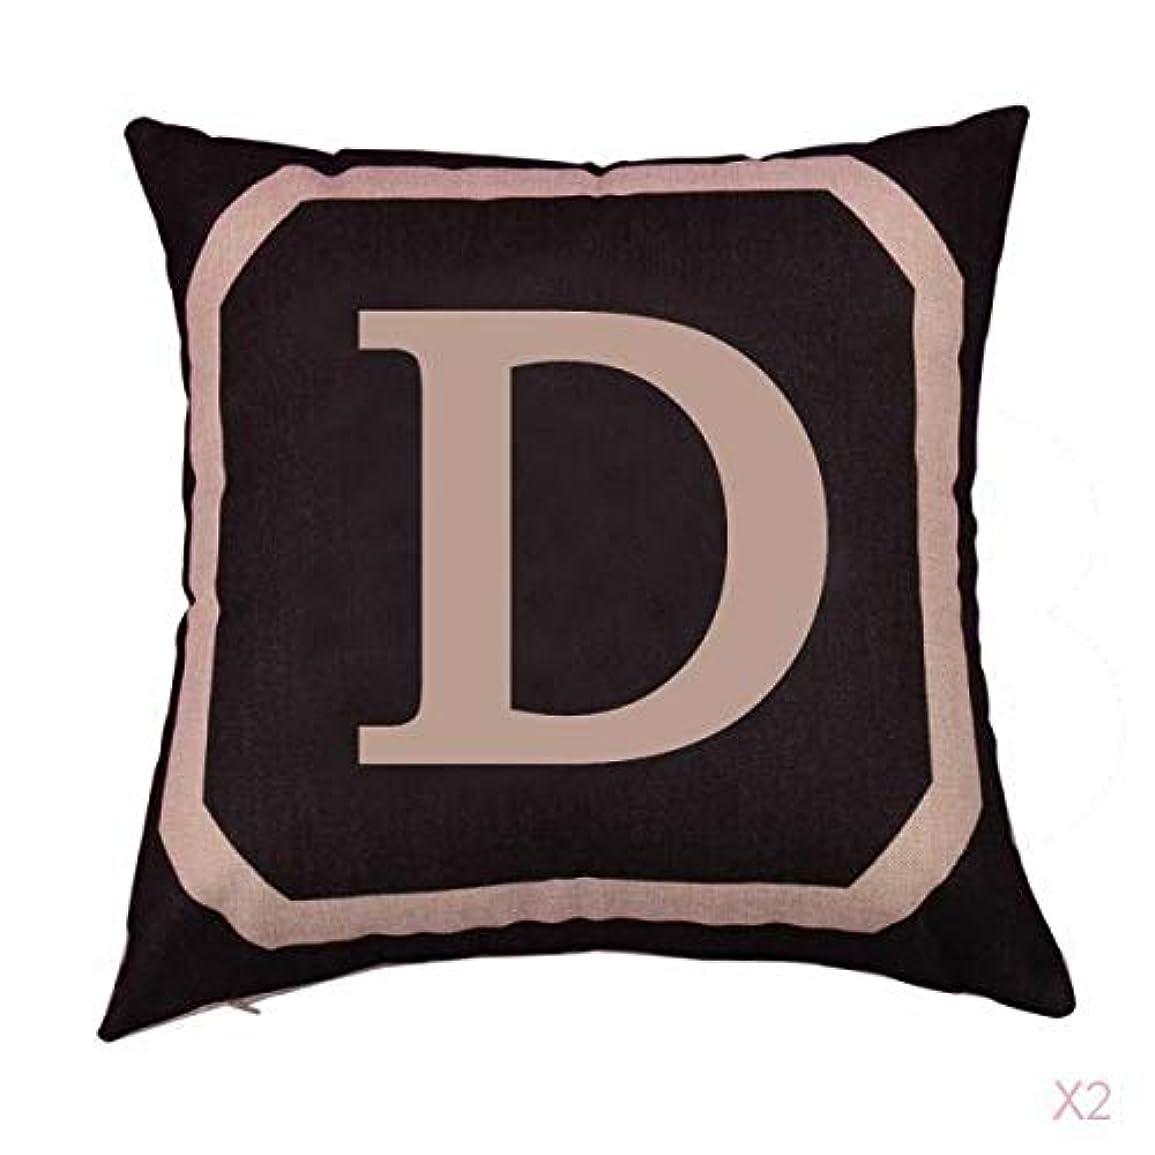 シマウマ評価可能休戦正方形の綿のリネンスローピローケース腰クッションカバーベッドソファ装飾さd